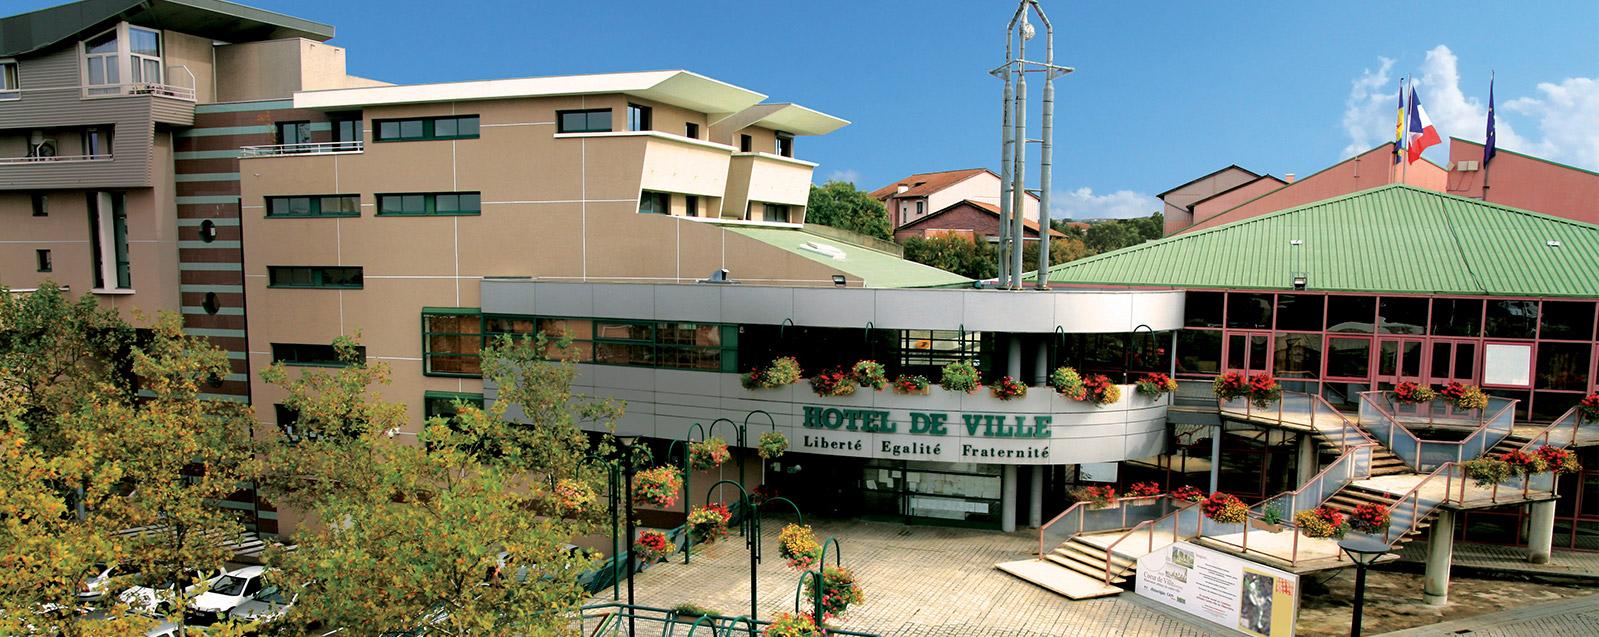 Recrutement De La Ville Villefontaine